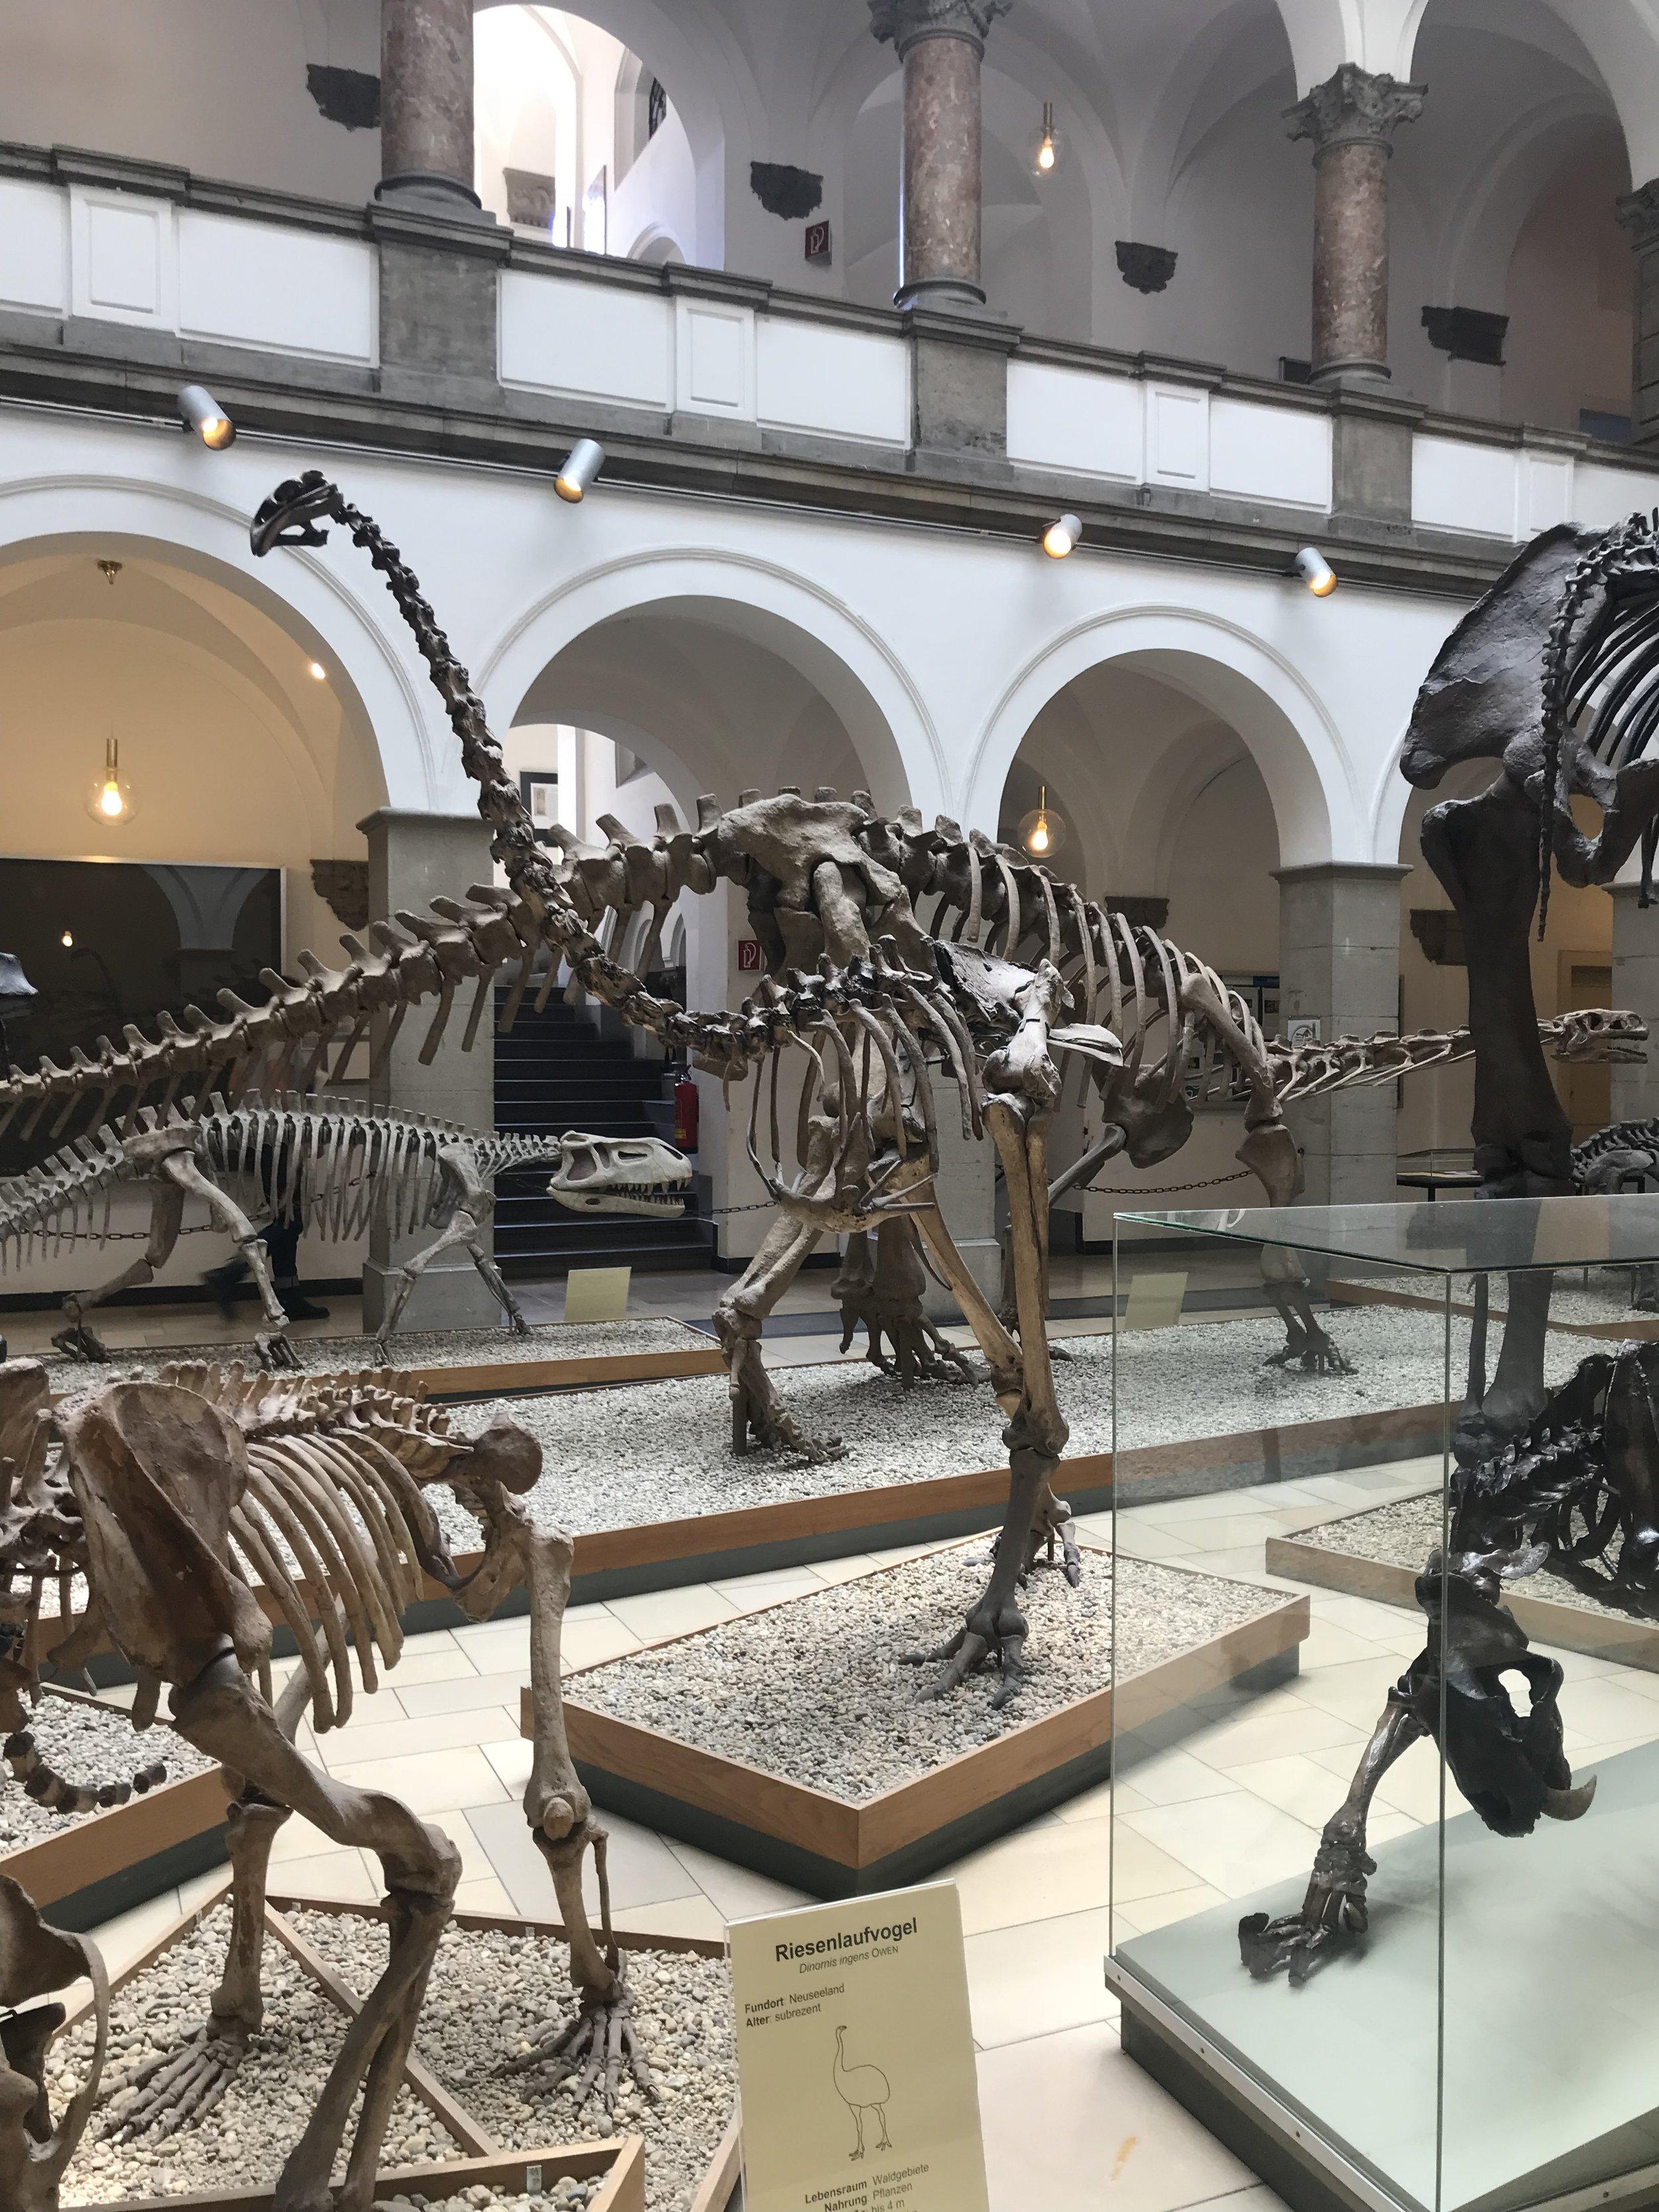 Dinornis ingens    Credit: Talita Bateman